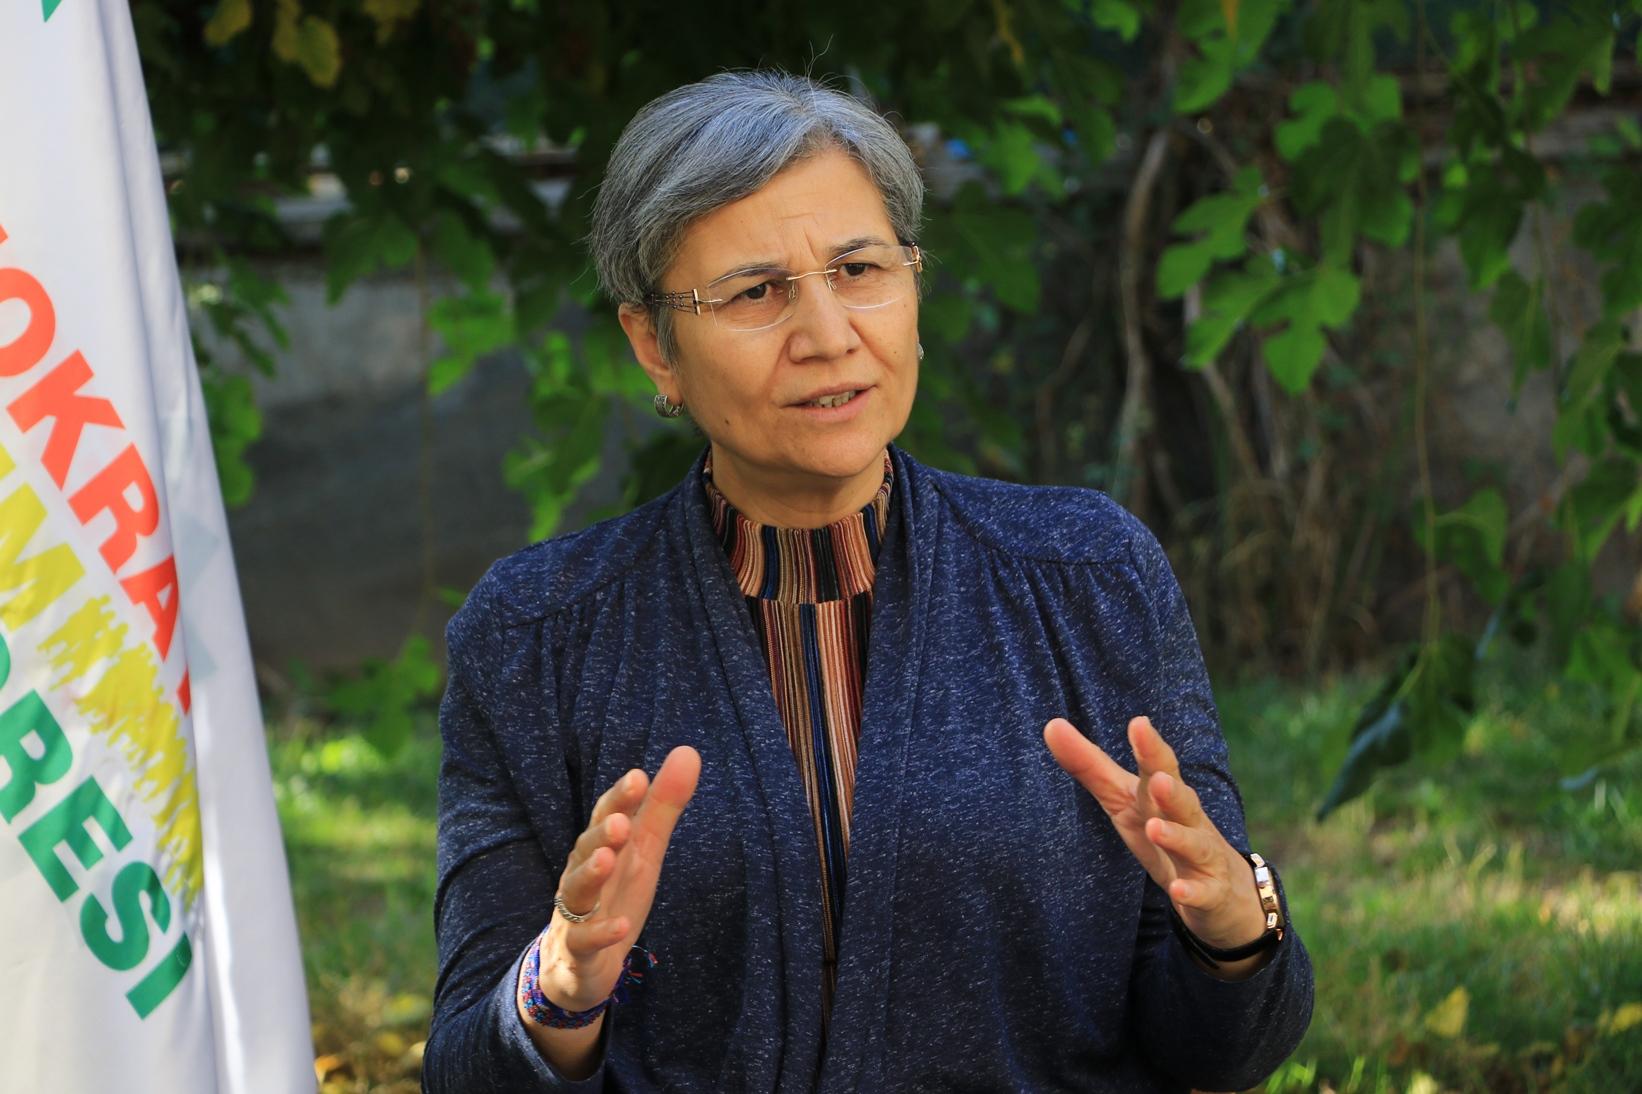 DTK Eşbaşkanı Leyla Güven, Elazığ E Tipi Kapalı Cezaevi'ne sevk edildi